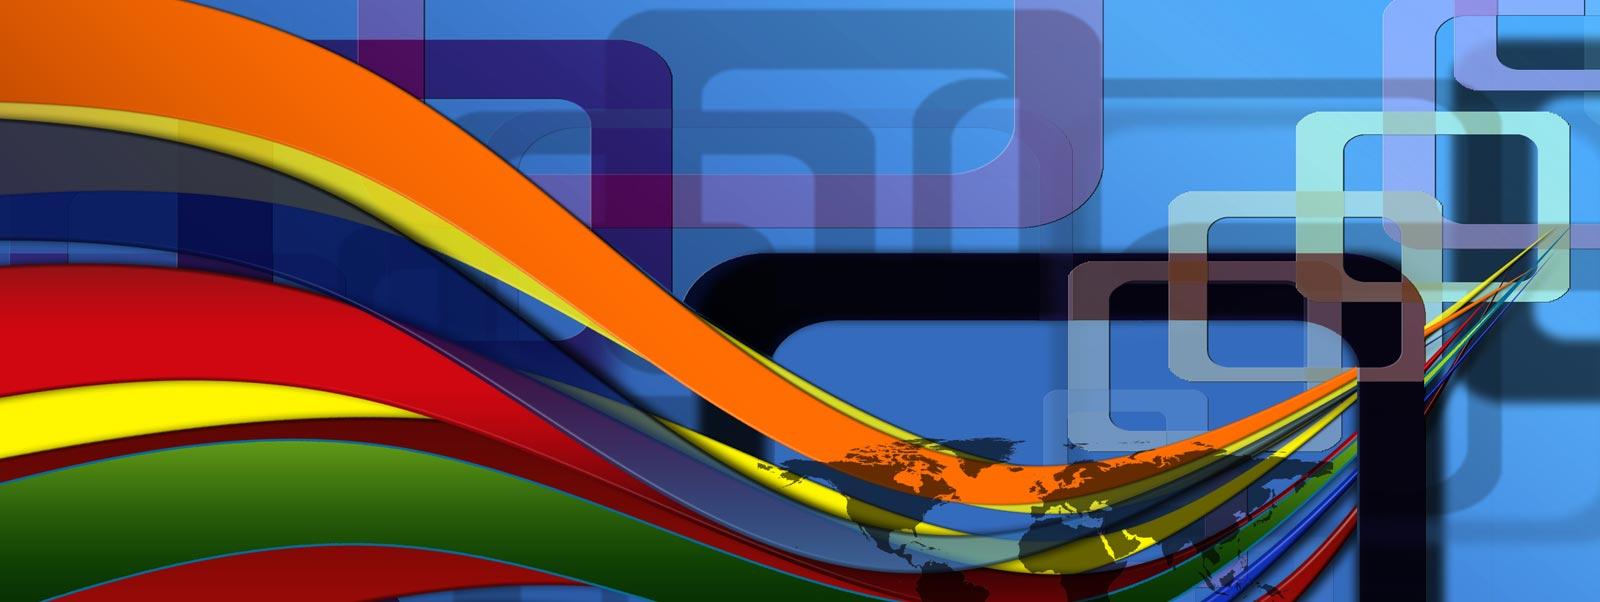 Leistungen: Webdesign, Betreuung, Optimierung und Pflege von Internetseiten.